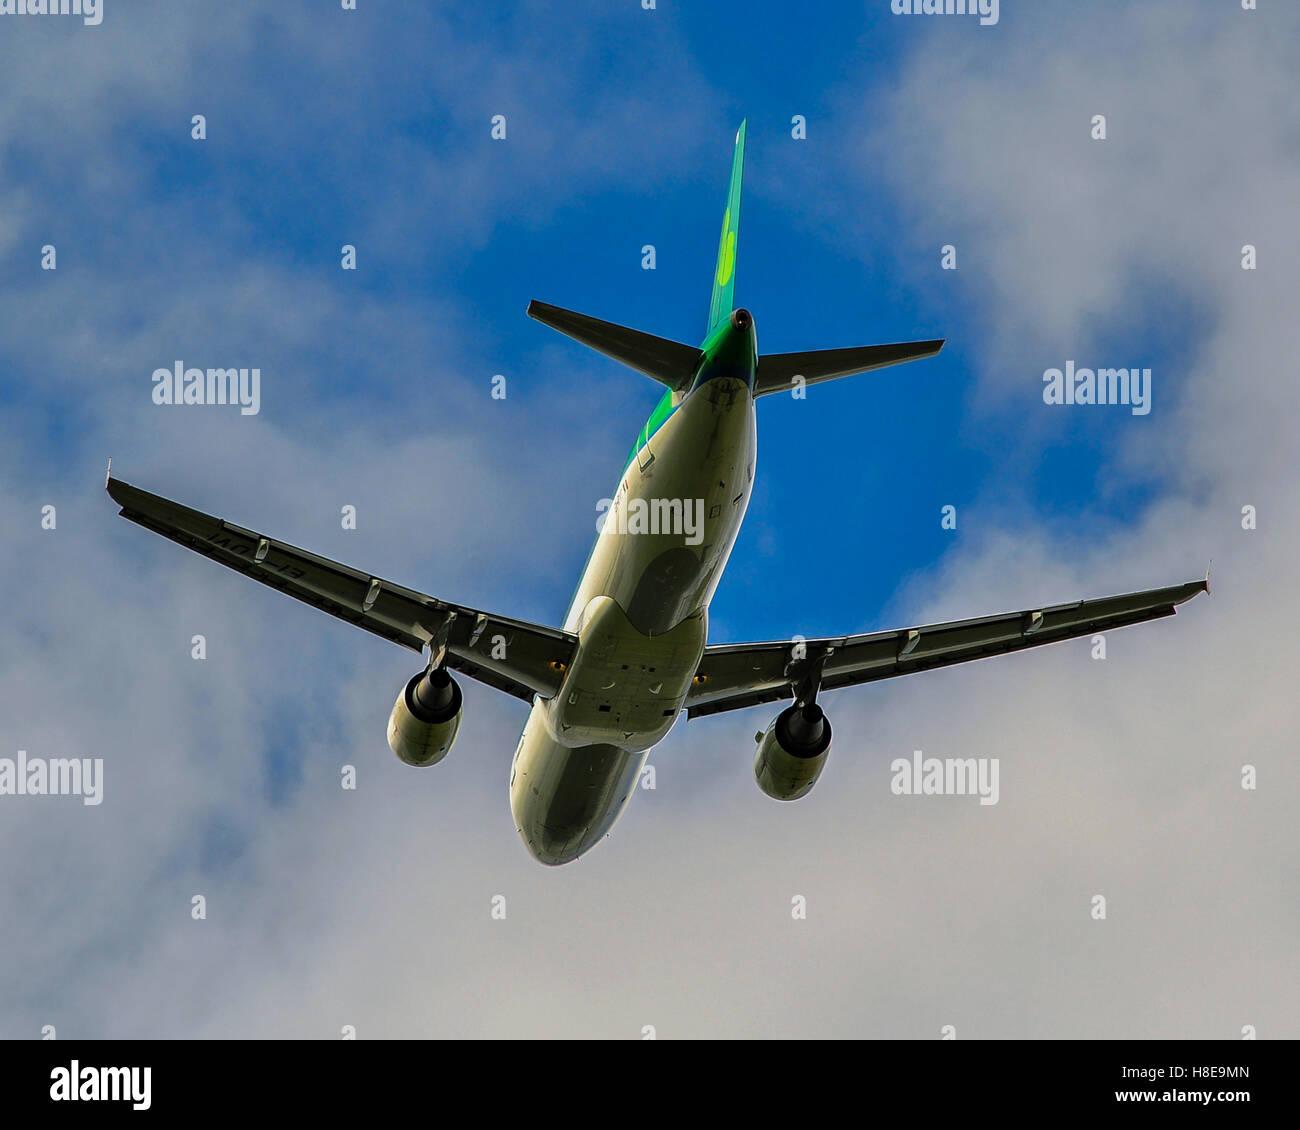 an-aer-lingus-airbus-a320-cork-airport-i